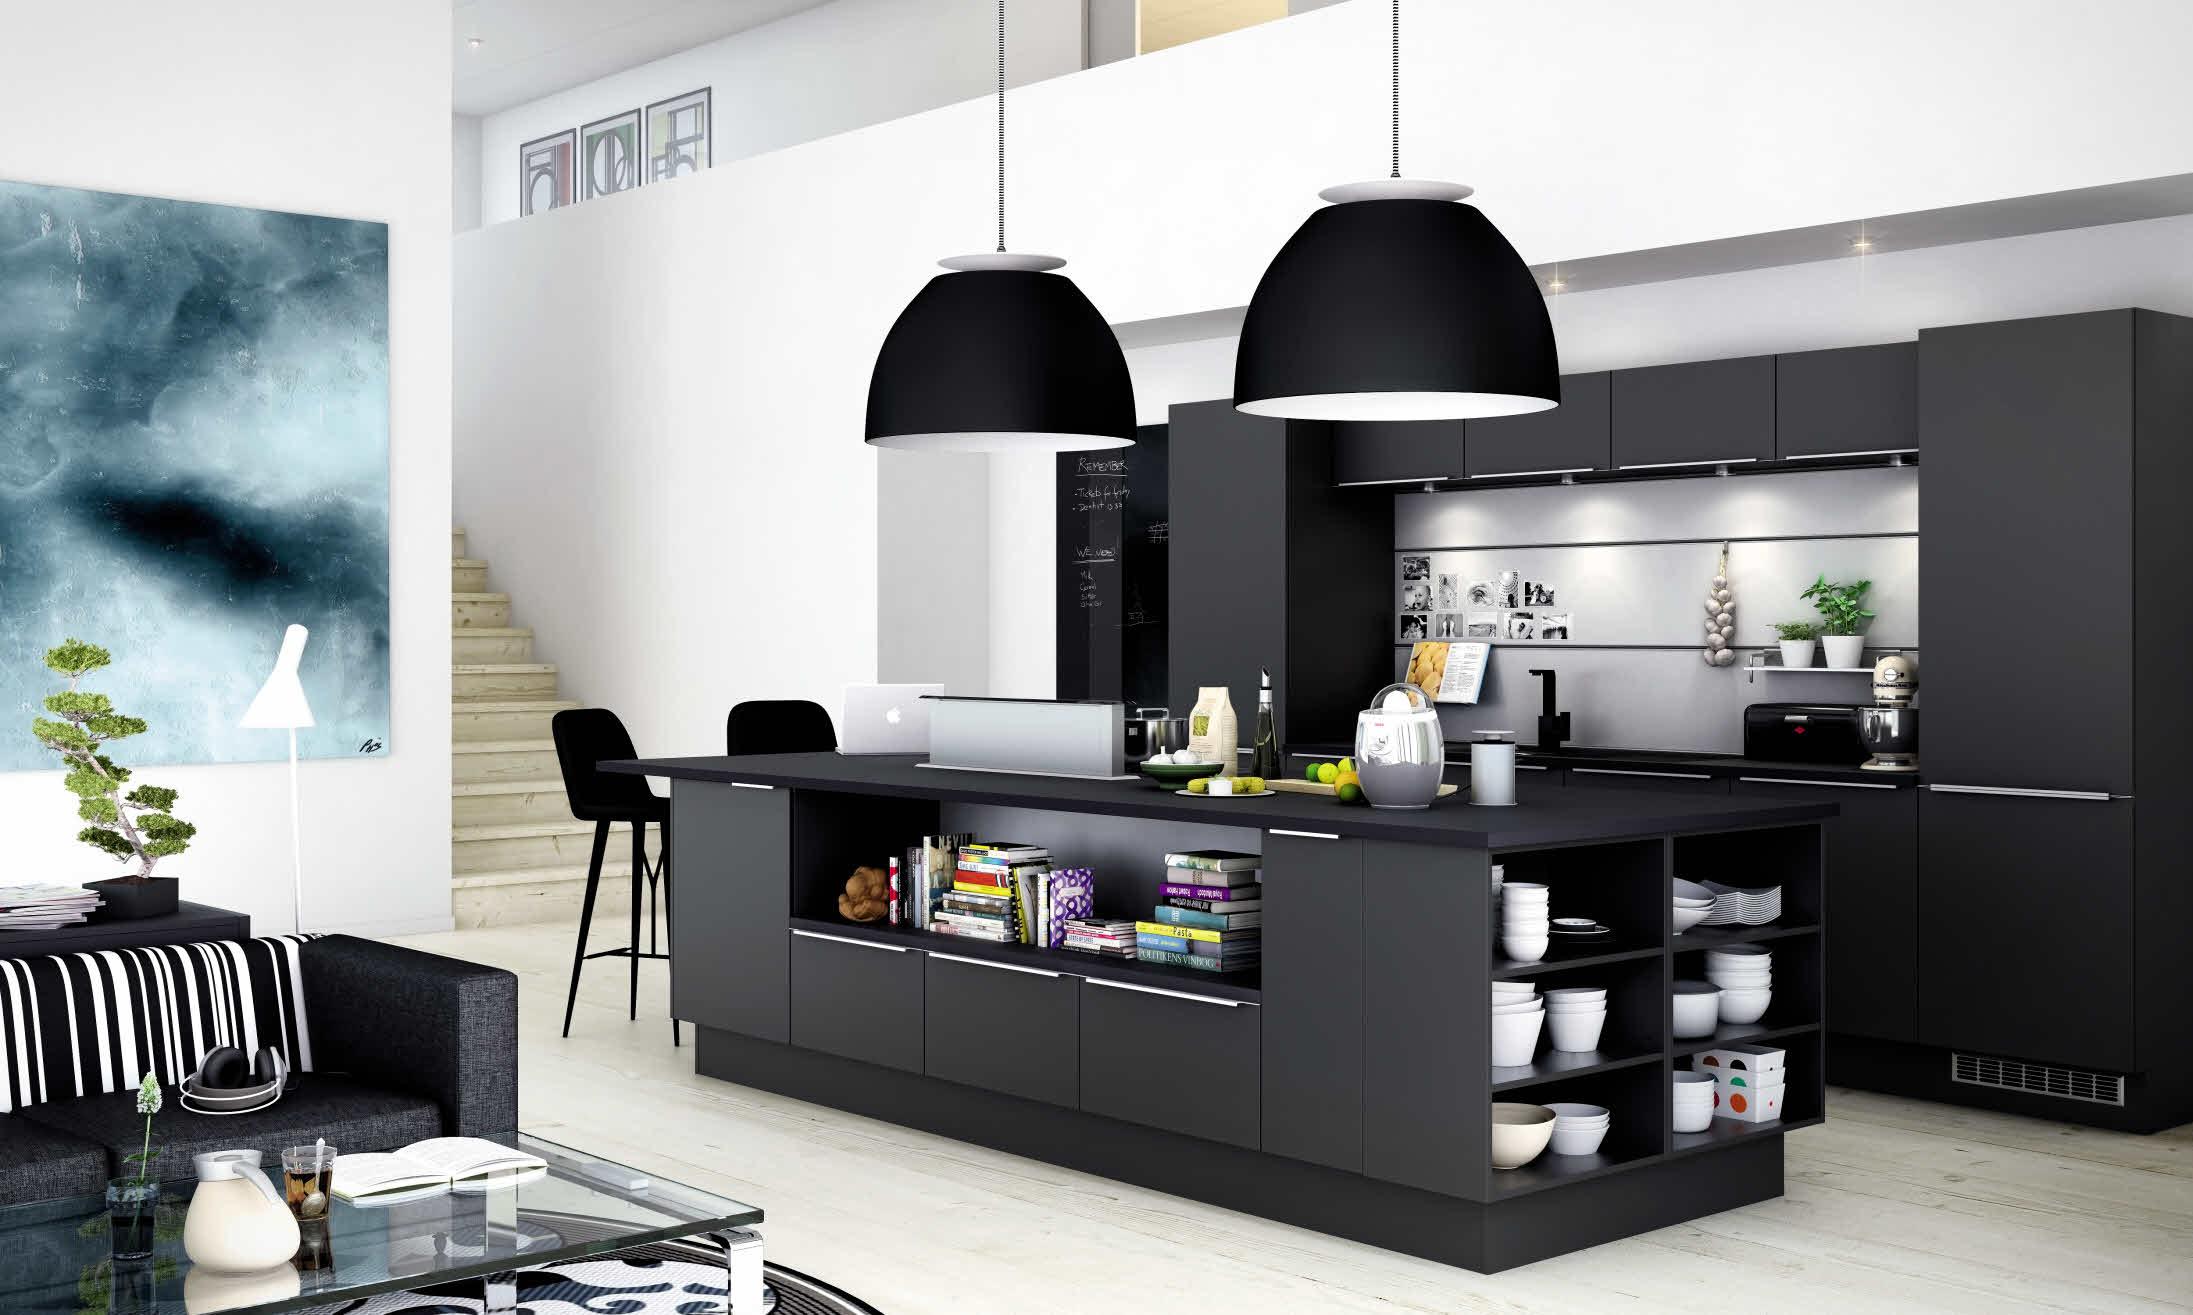 Kauniiksi ja toimivaksi suunniteltu moderni keittiö